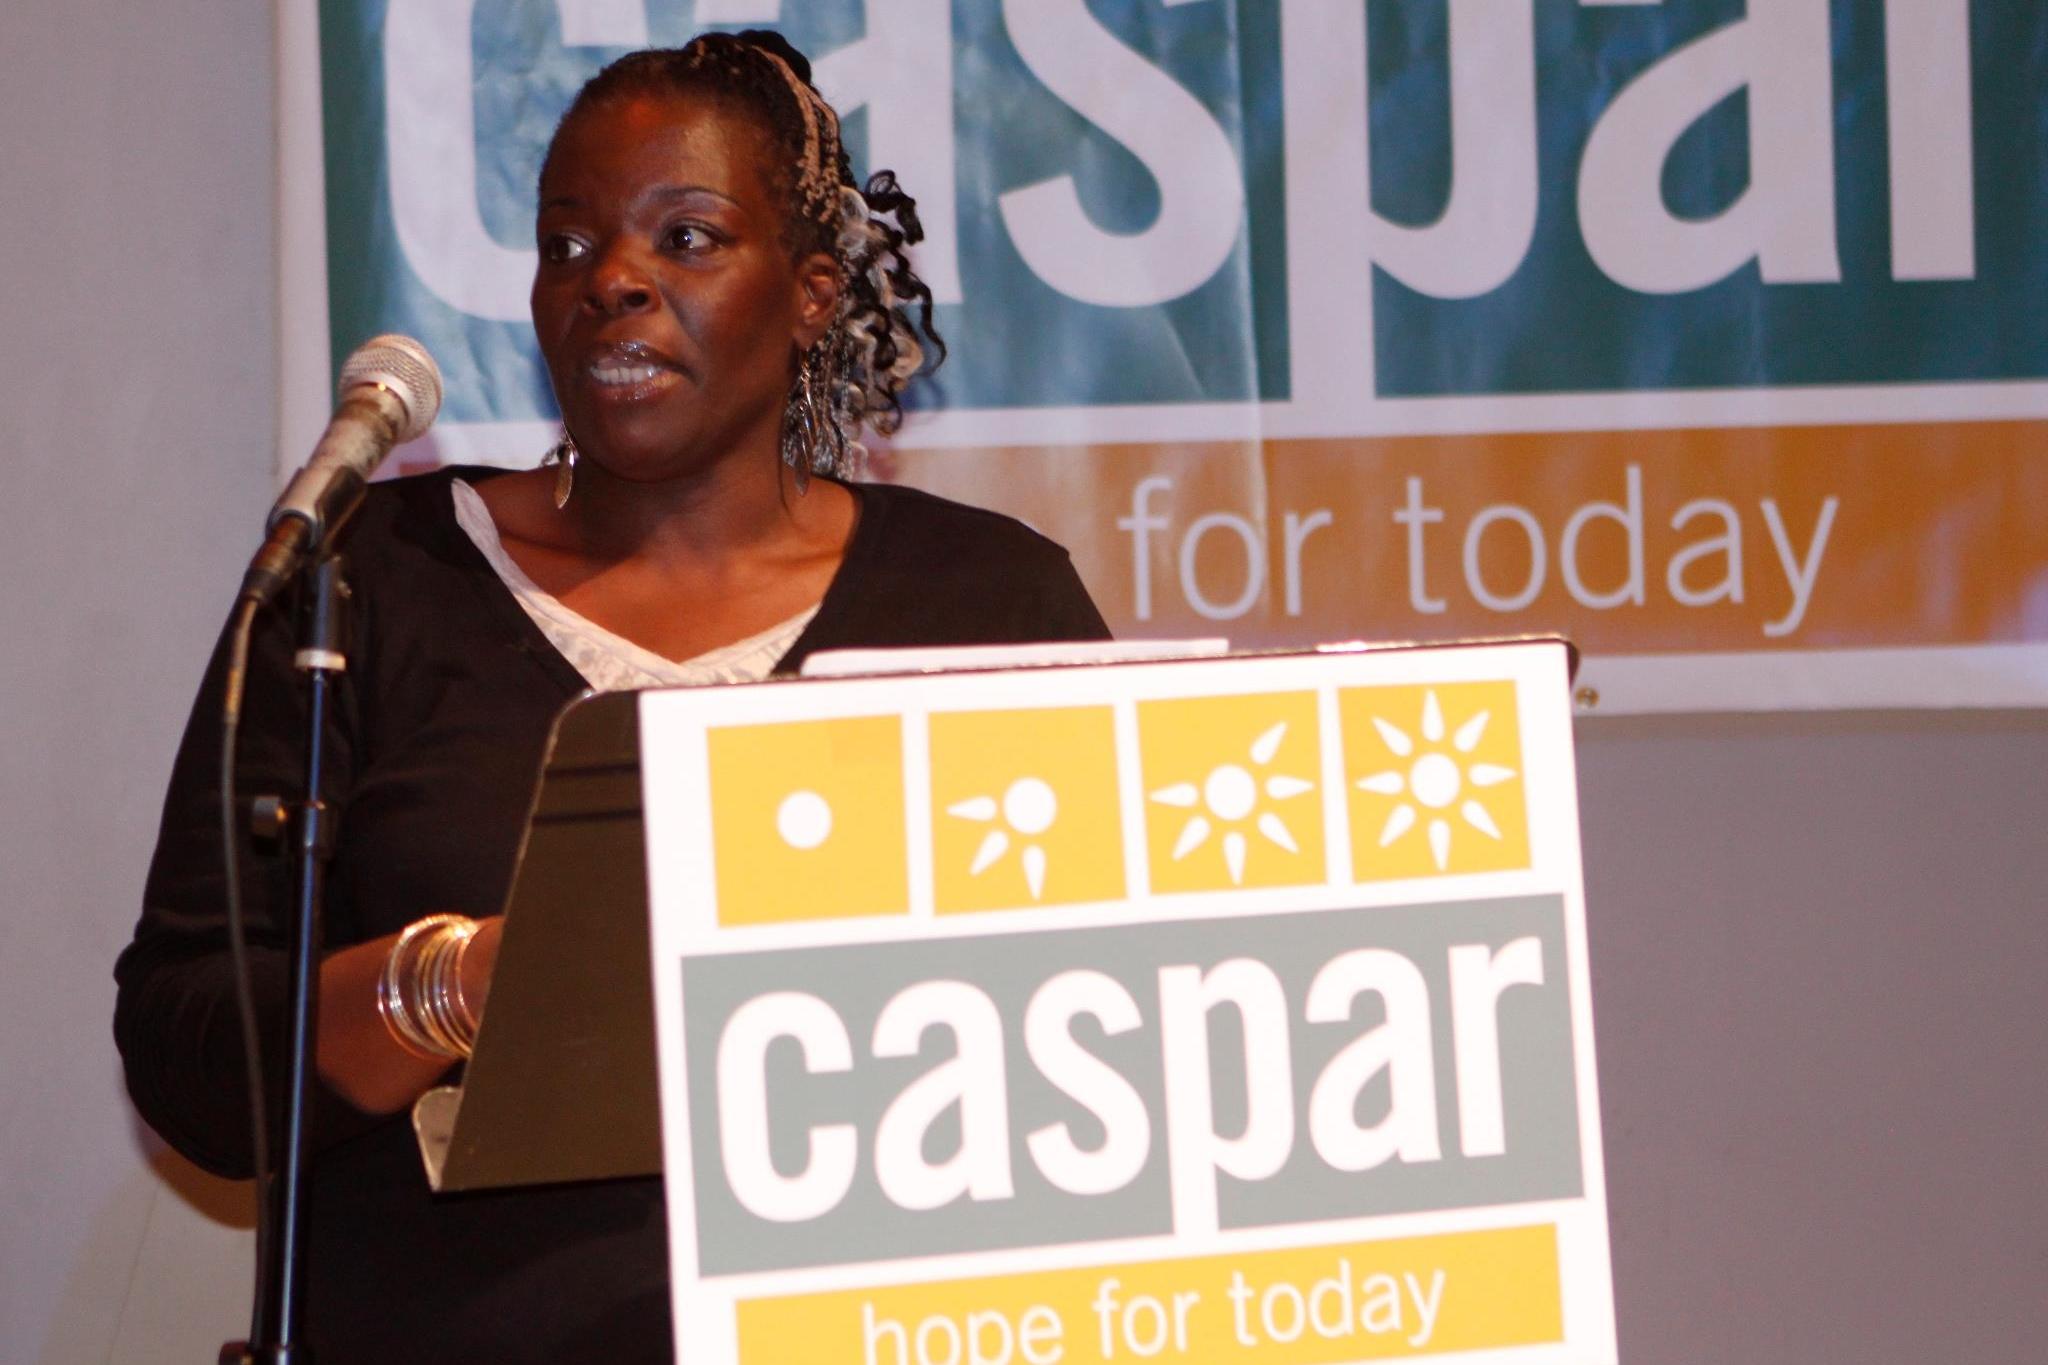 CASPAR_Speaker.jpg